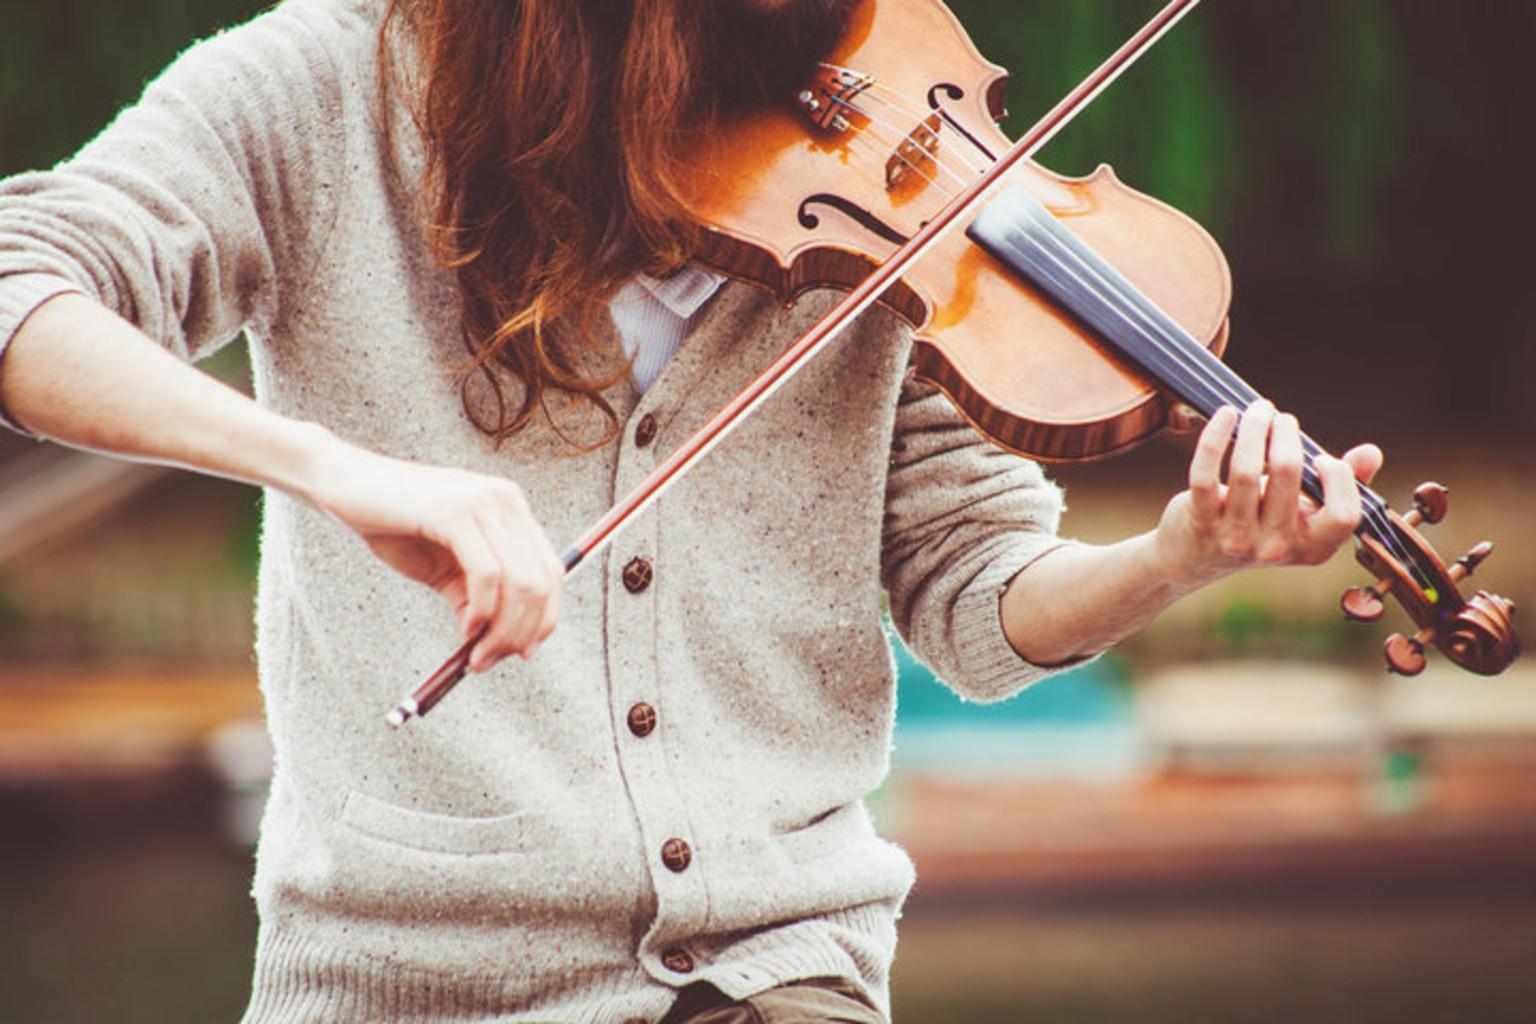 Muzykant skripka pixaby